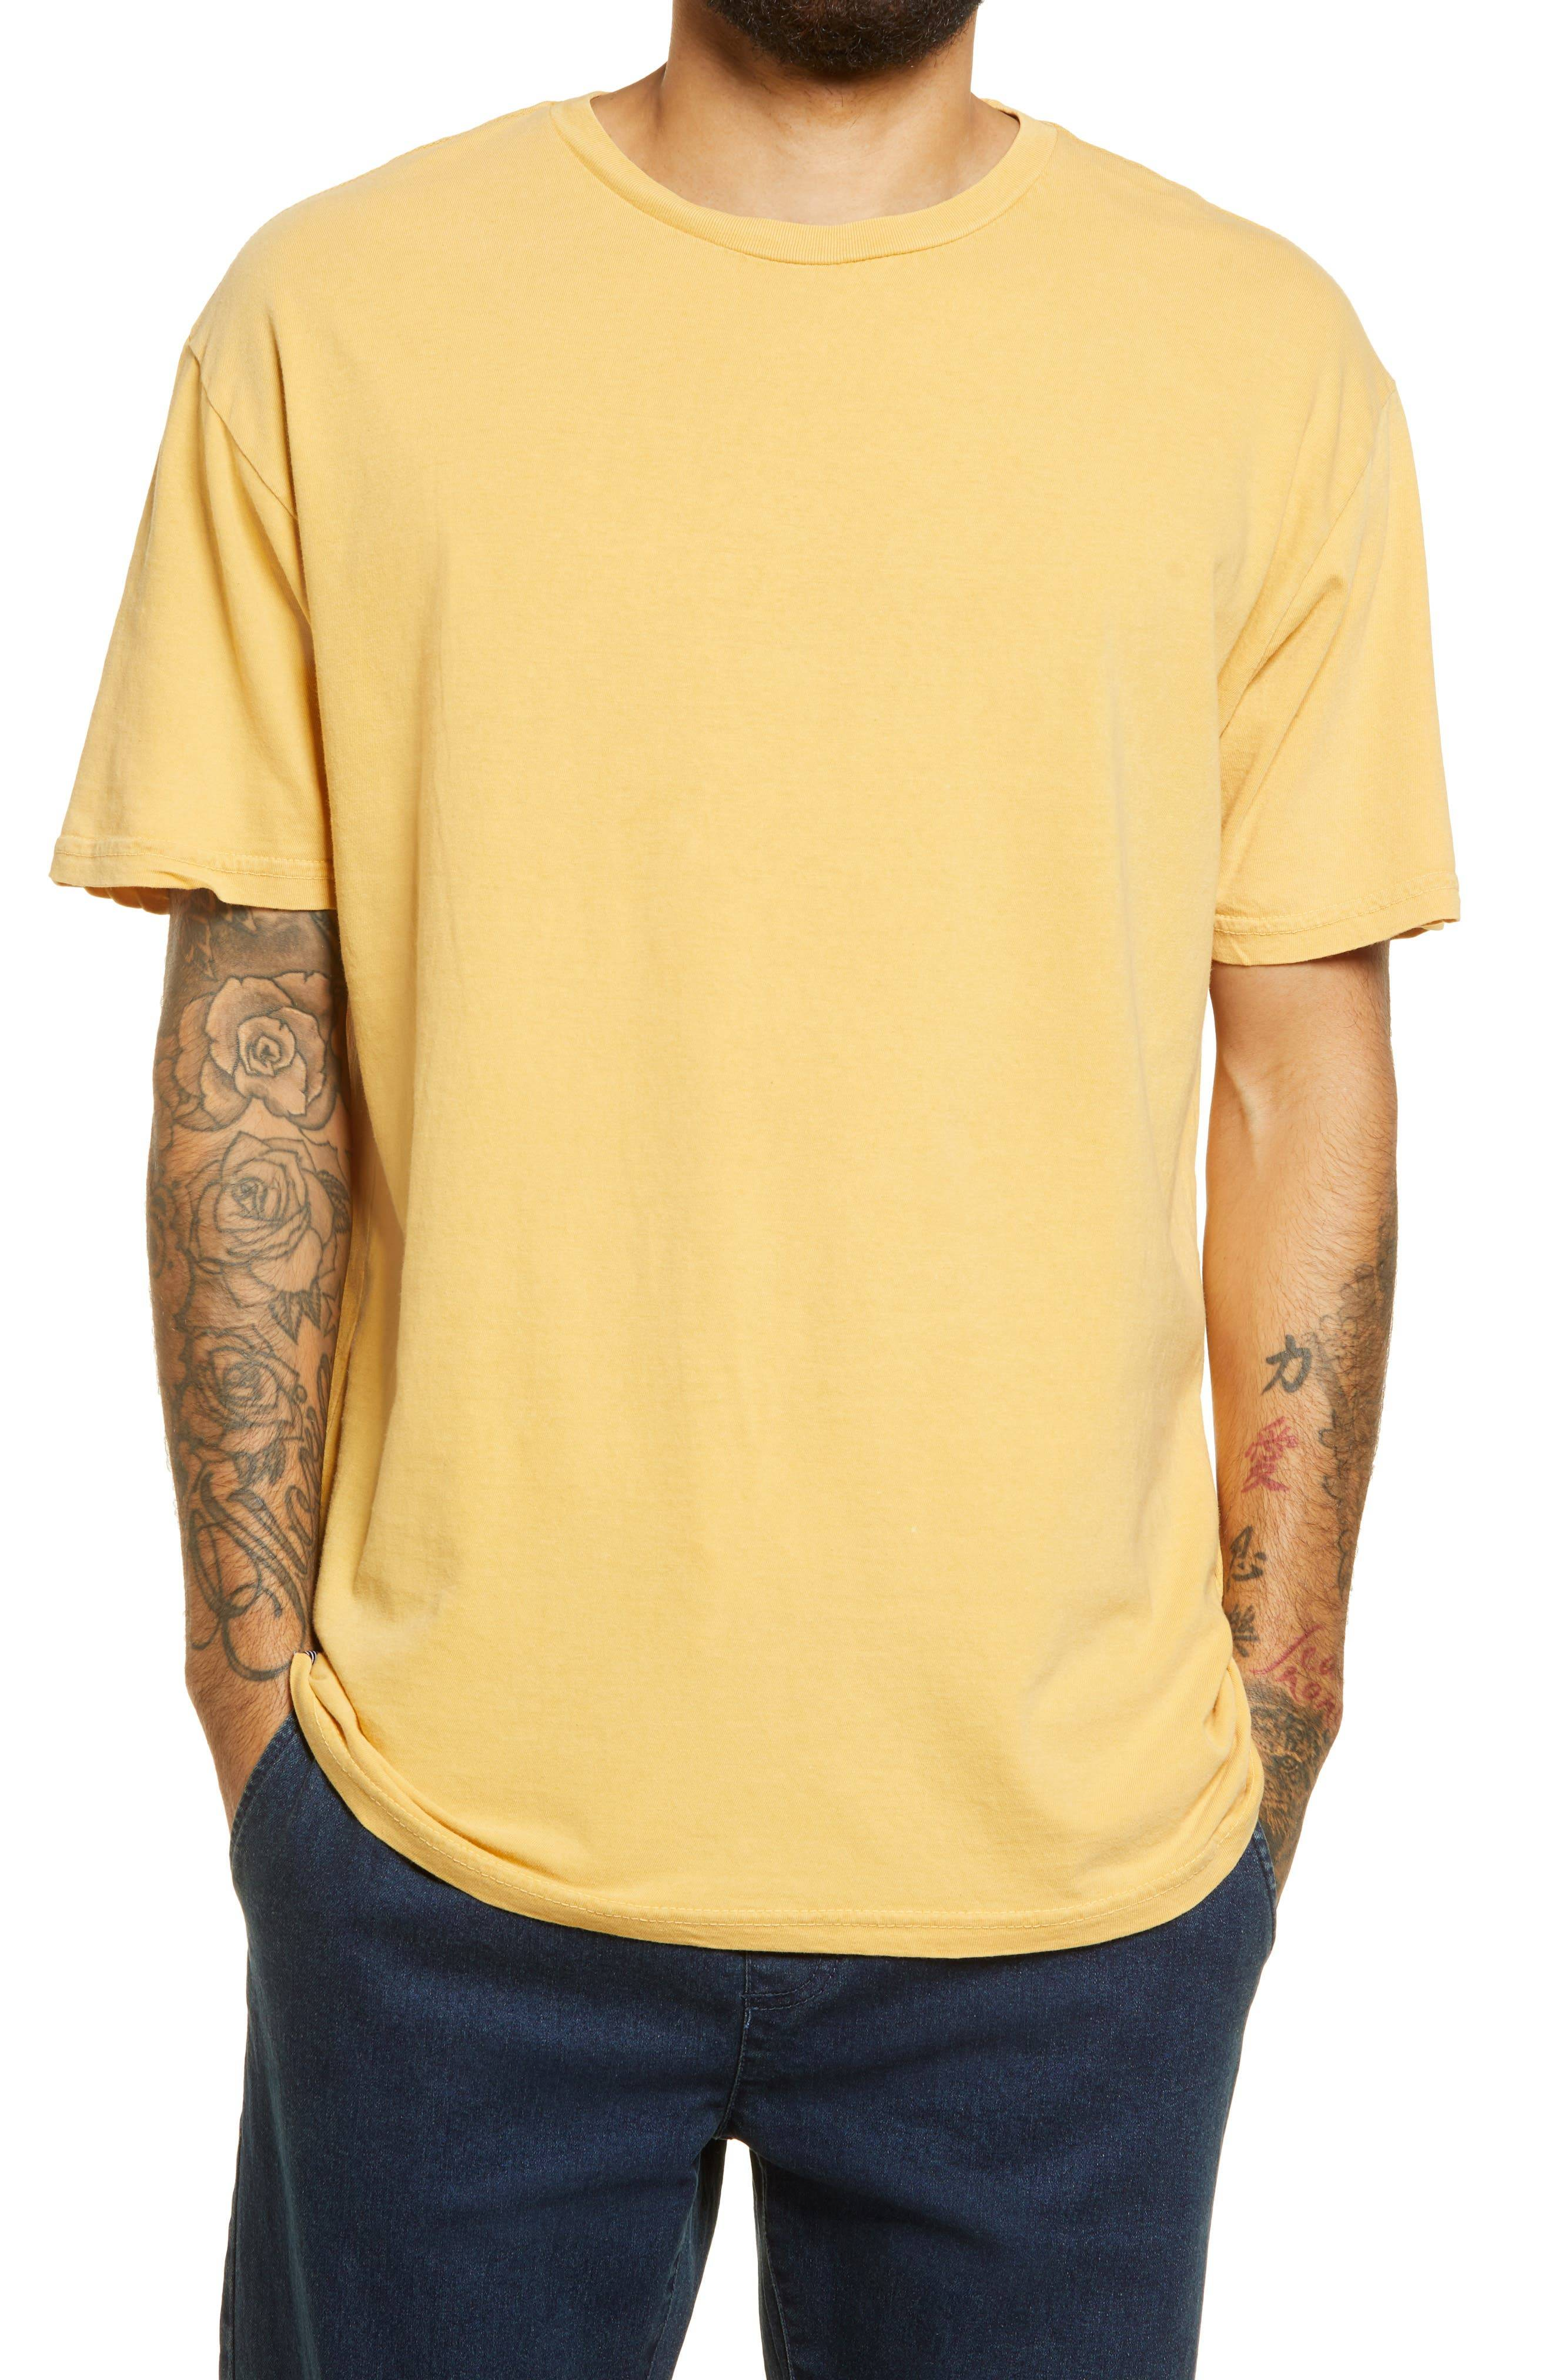 Lira Clothing Vintage Wash Unisex T-Shirt, Size Medium - Yellow